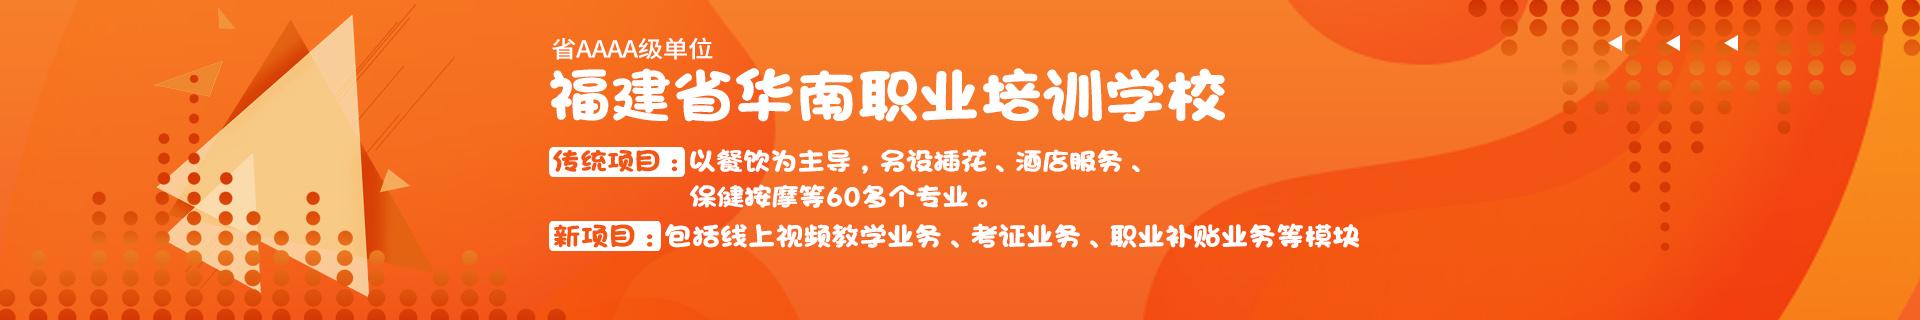 厦门湖里区华南职业技术学校